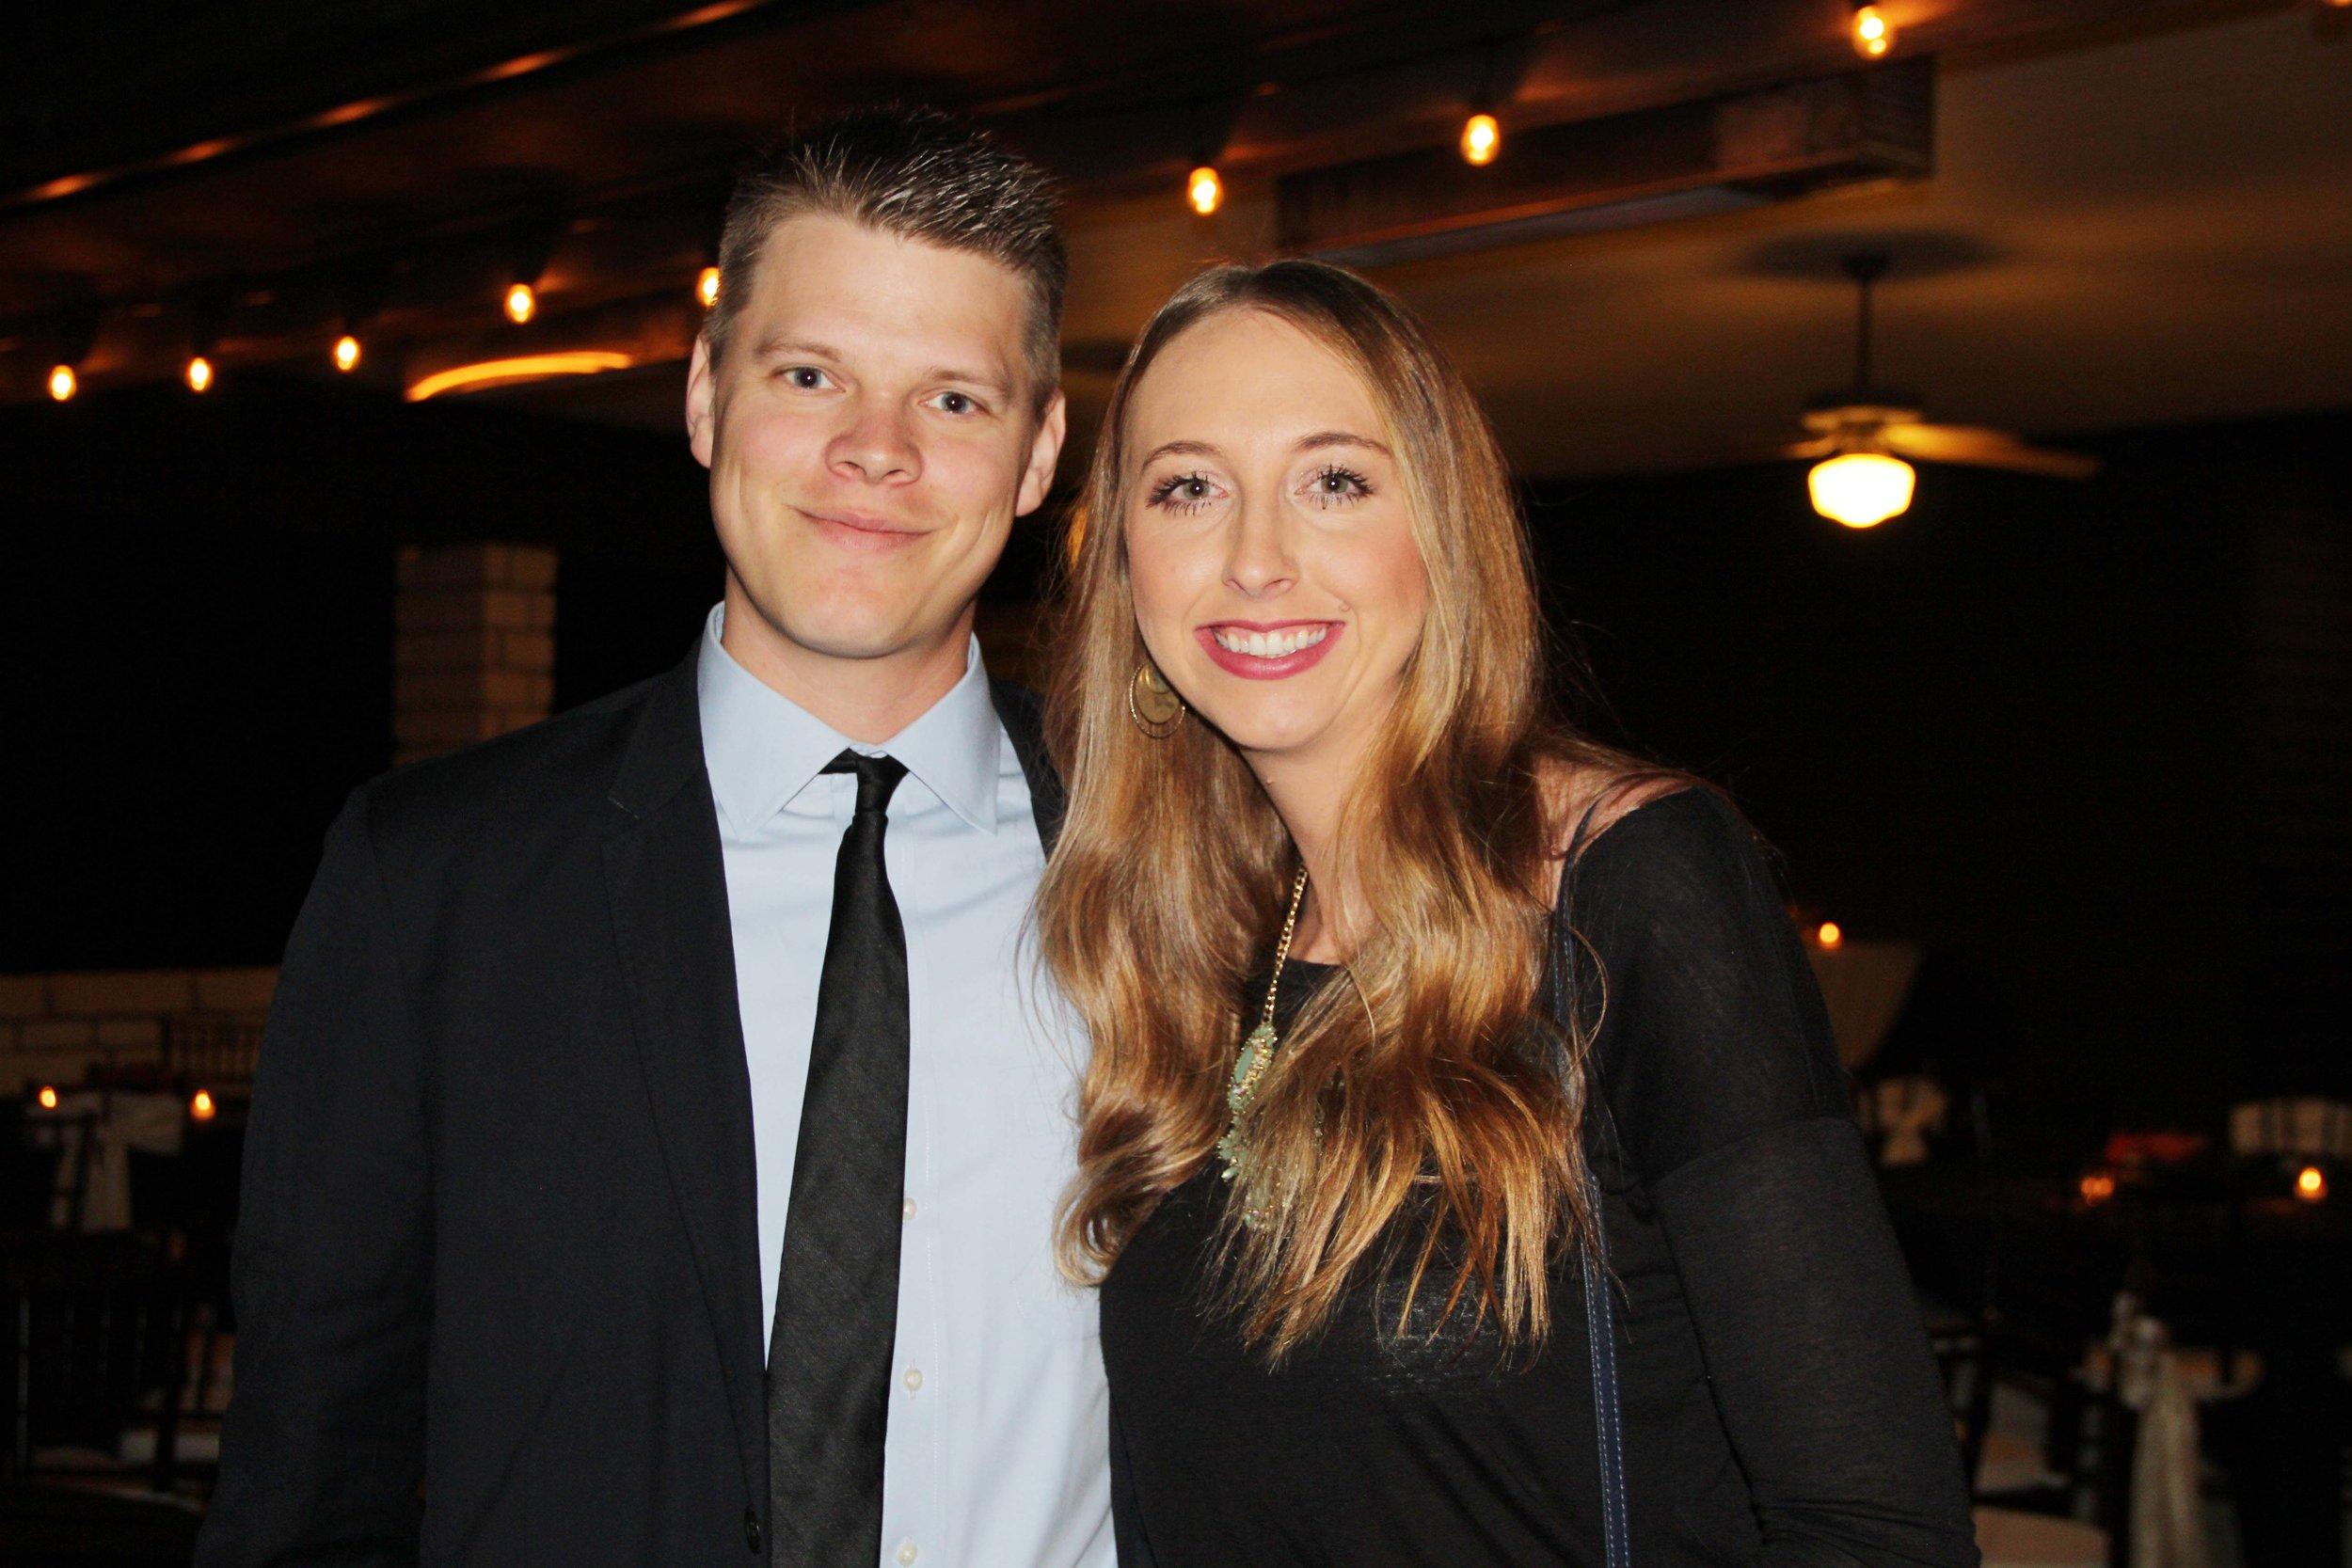 Tyler and Katelyn Gunter